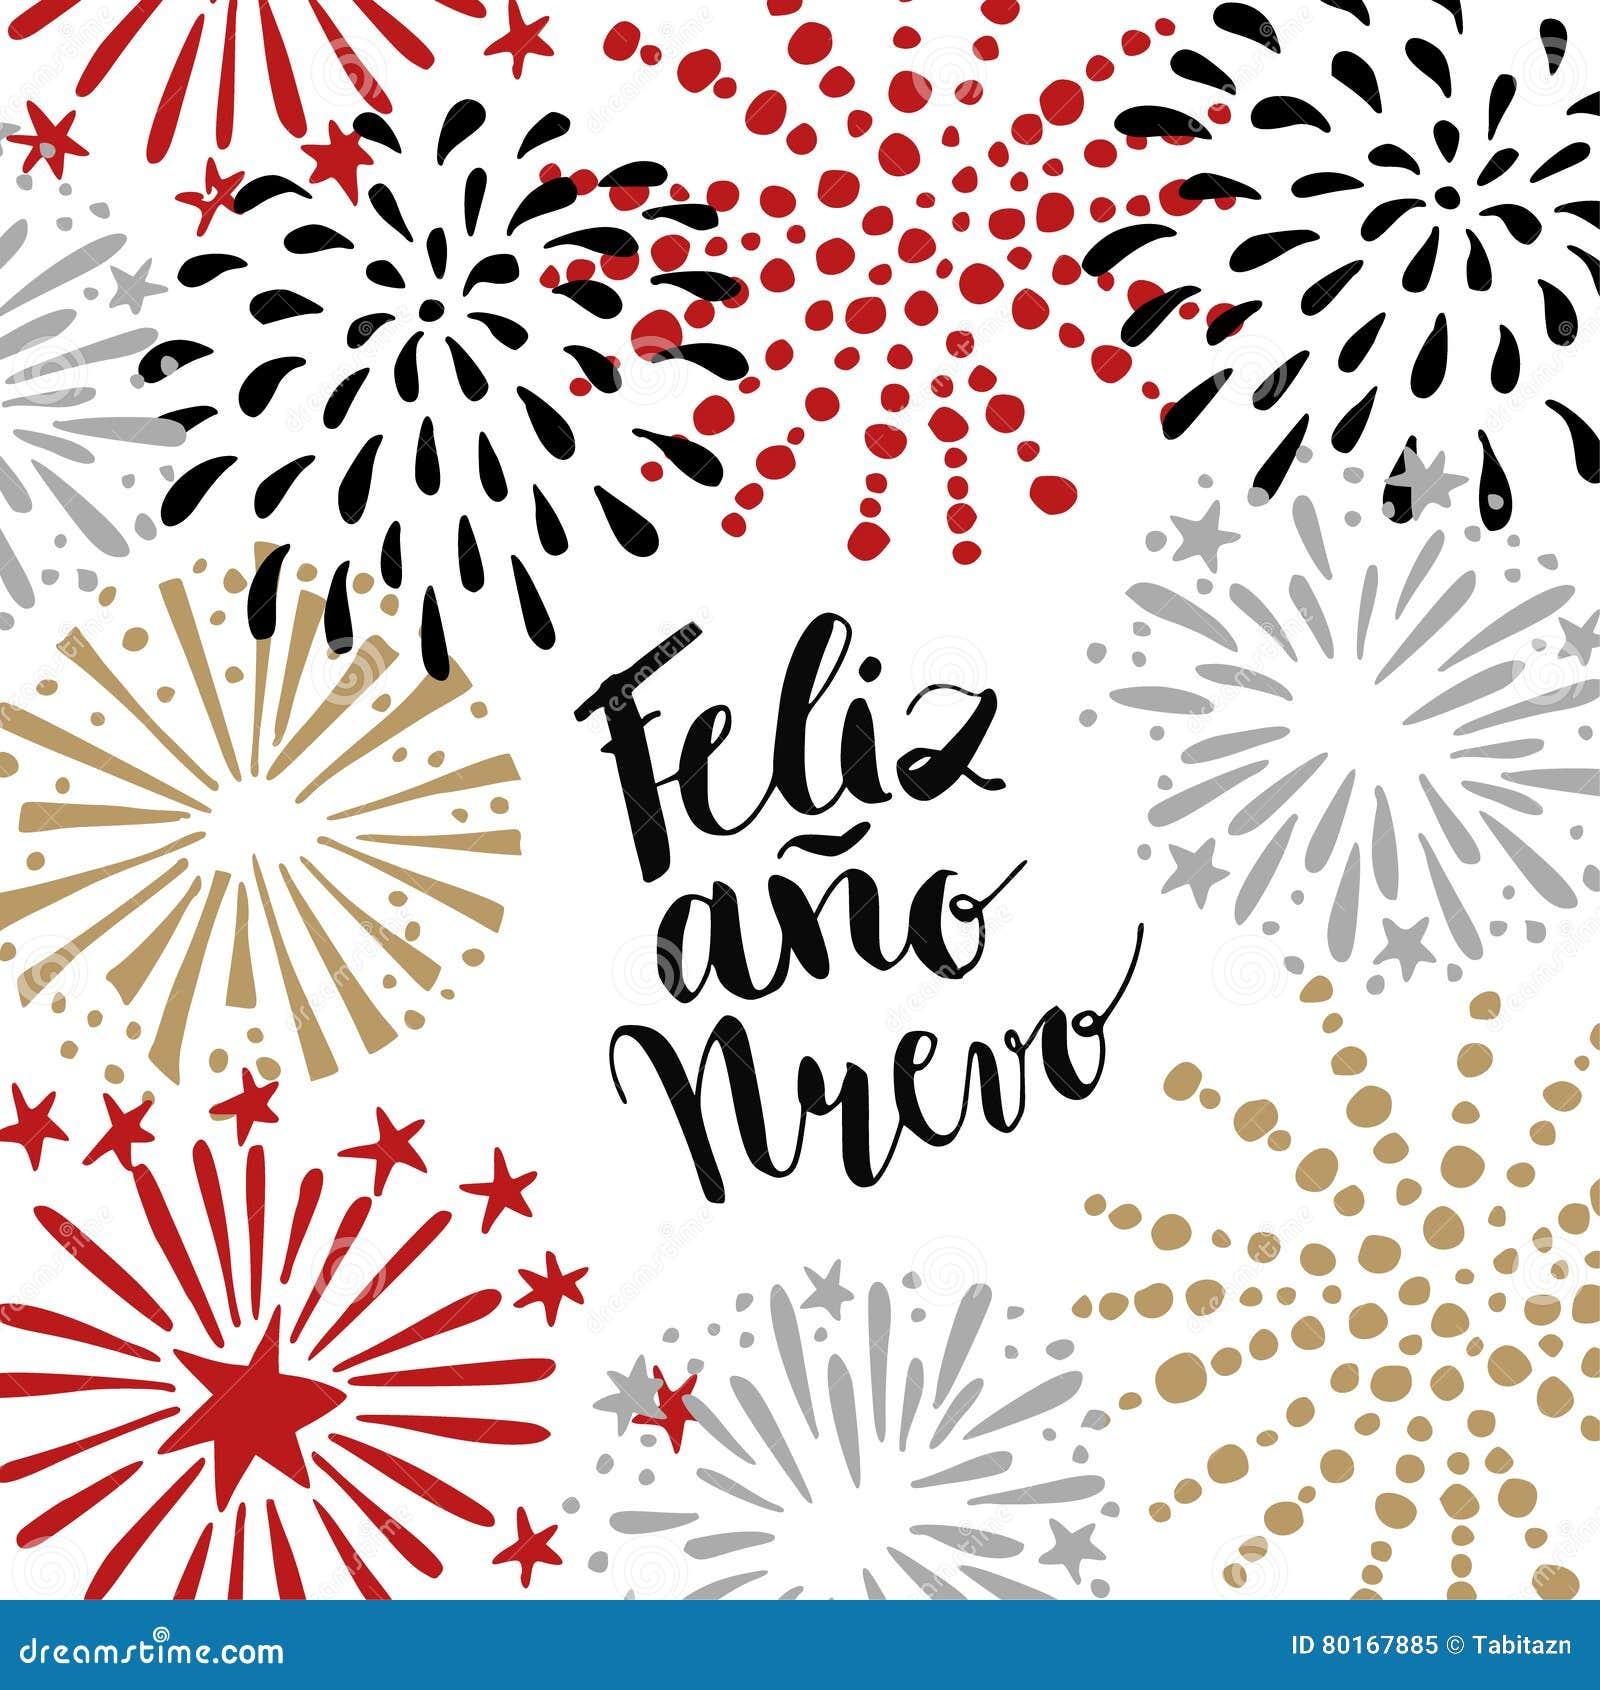 Feliz ano nuevo spanish happy new year greeting card with download feliz ano nuevo spanish happy new year greeting card with handwritten text and hand m4hsunfo